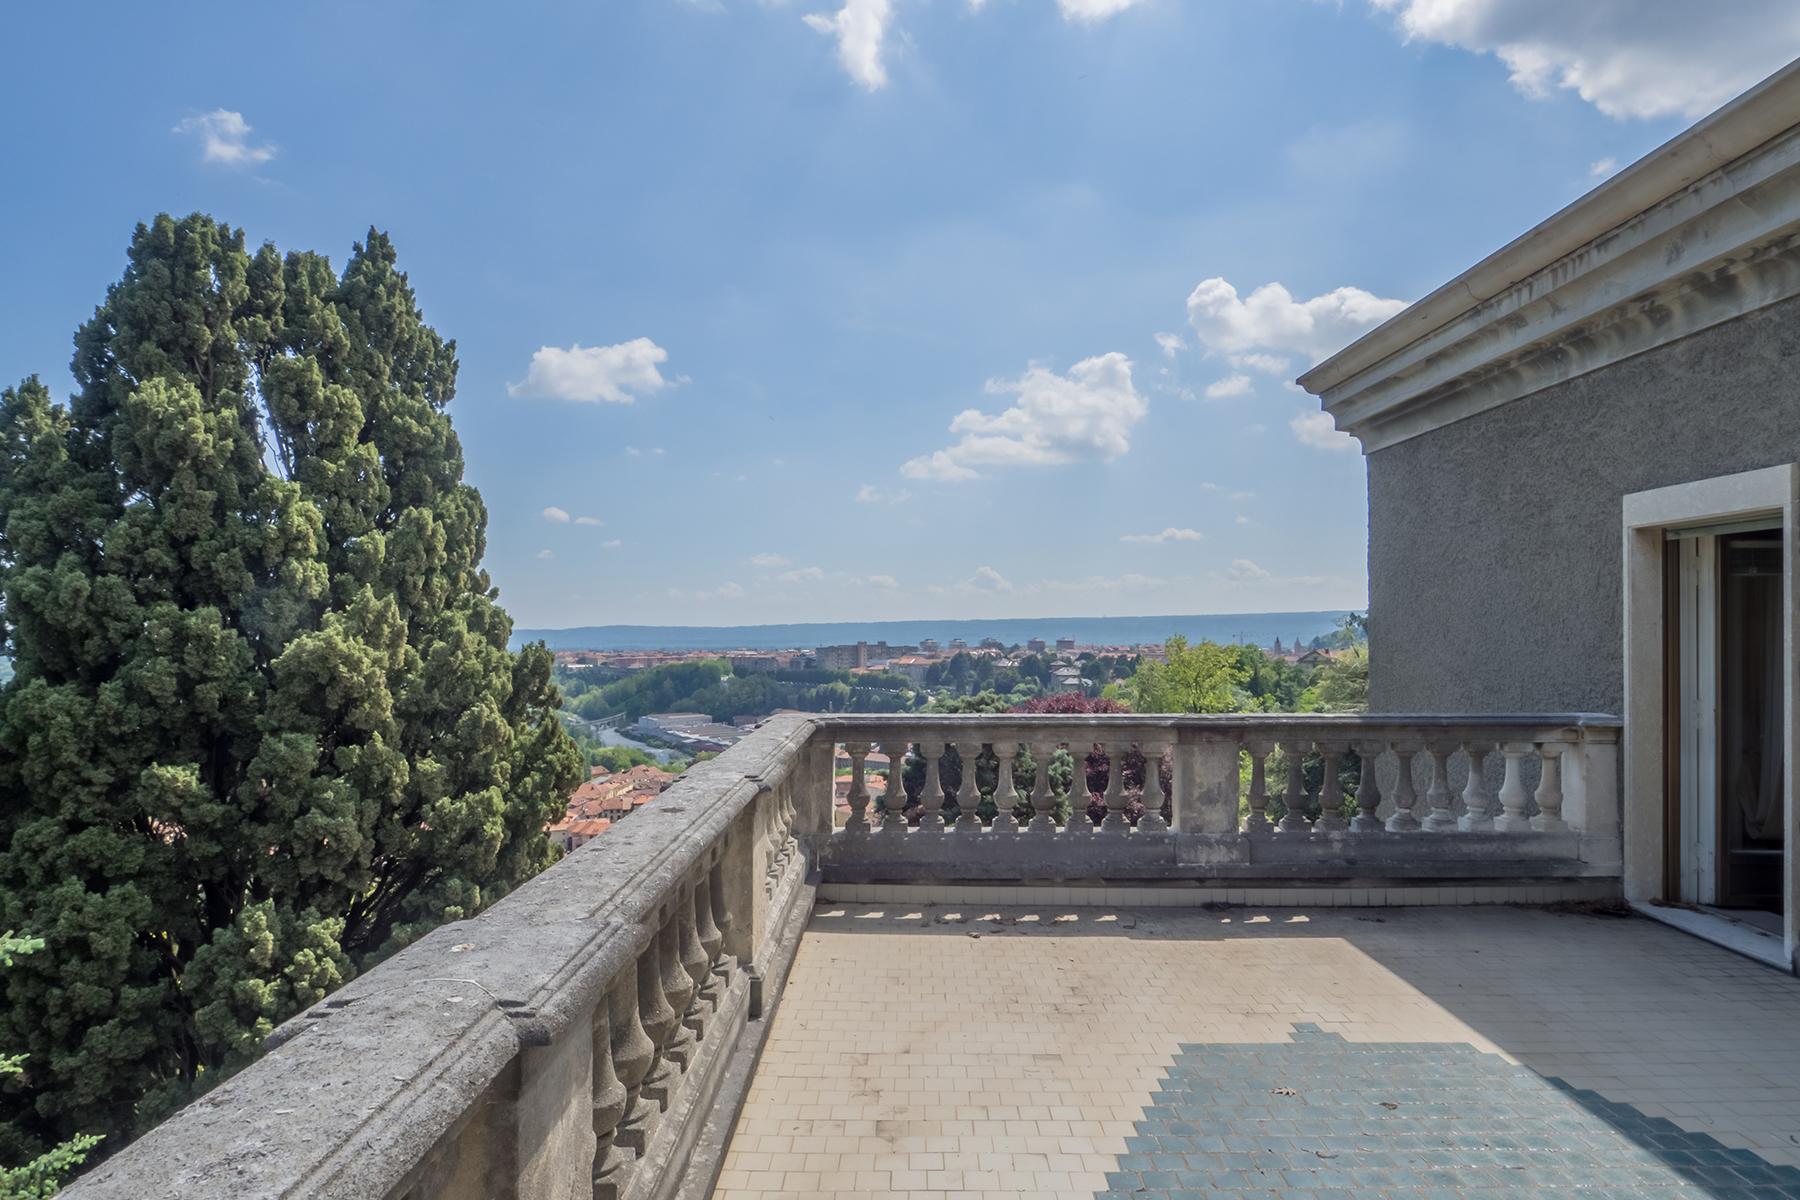 Appartamento in Vendita a Biella: 4 locali, 185 mq - Foto 10